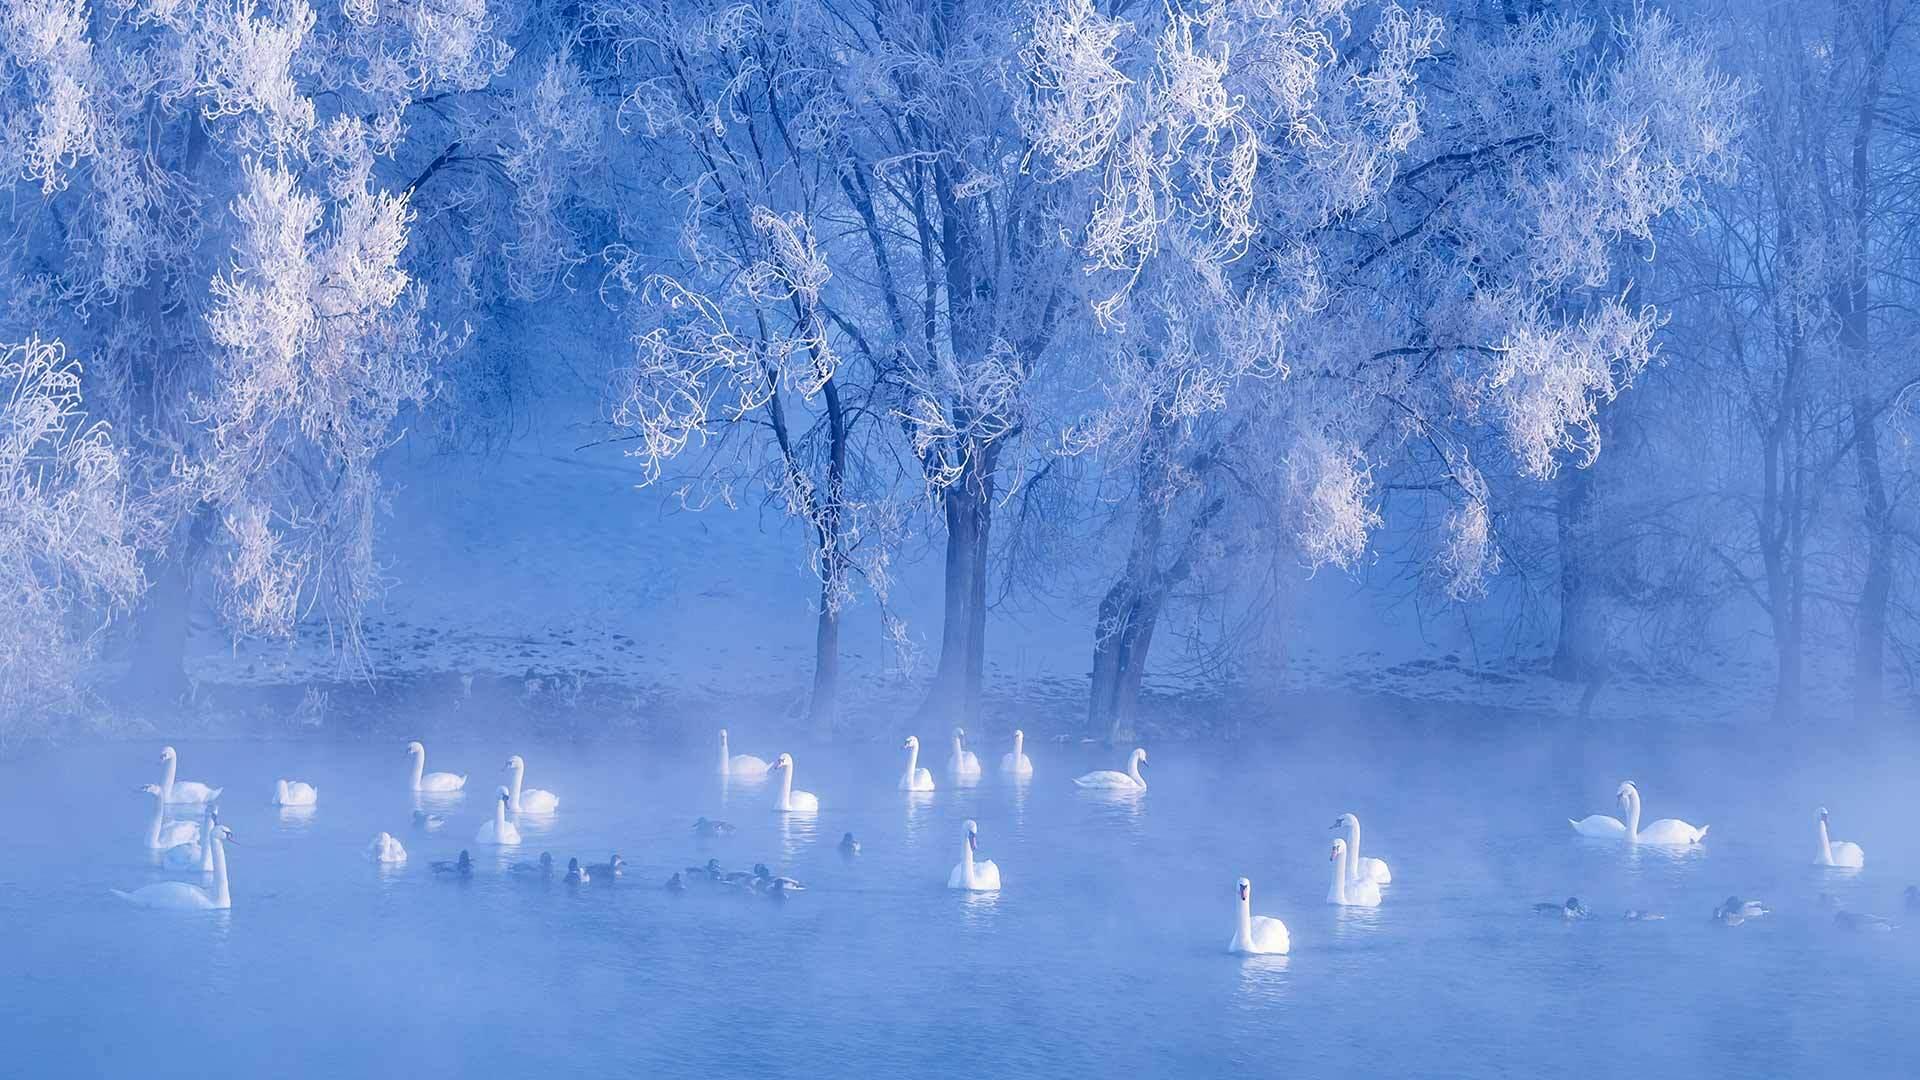 冬天的节日